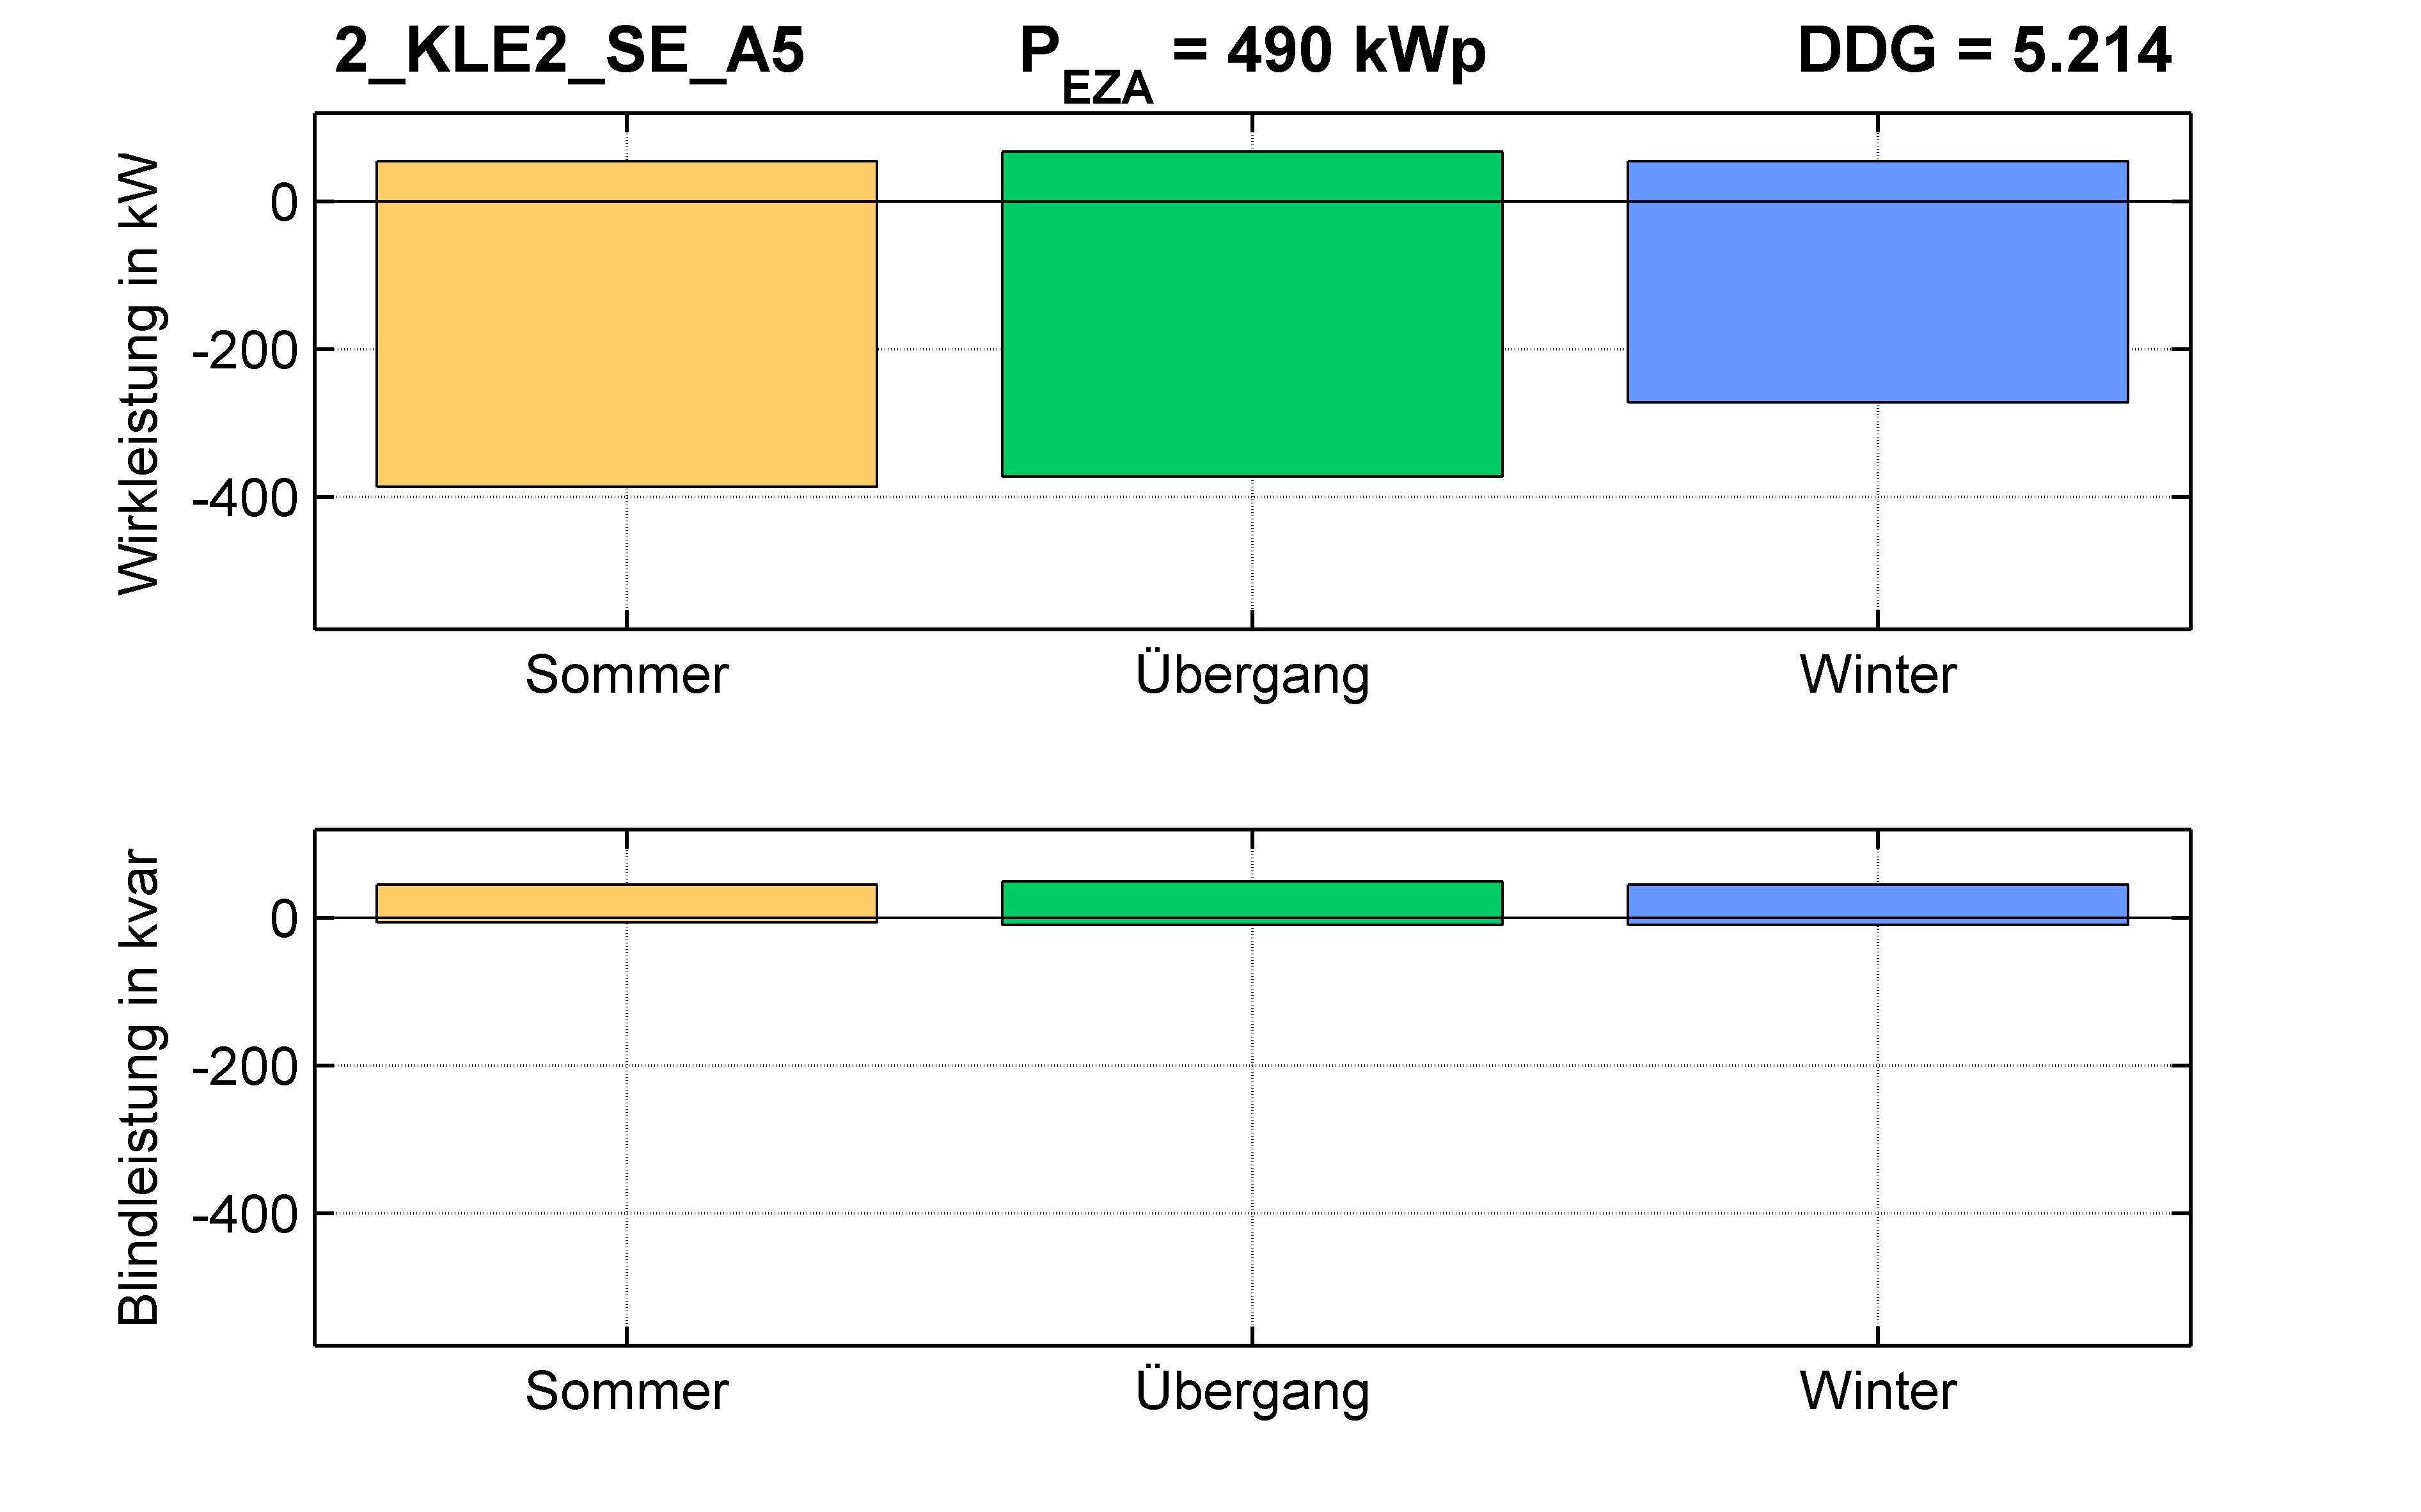 KLE2 | P-Kappung 85% (SE) A5 | PQ-Bilanz